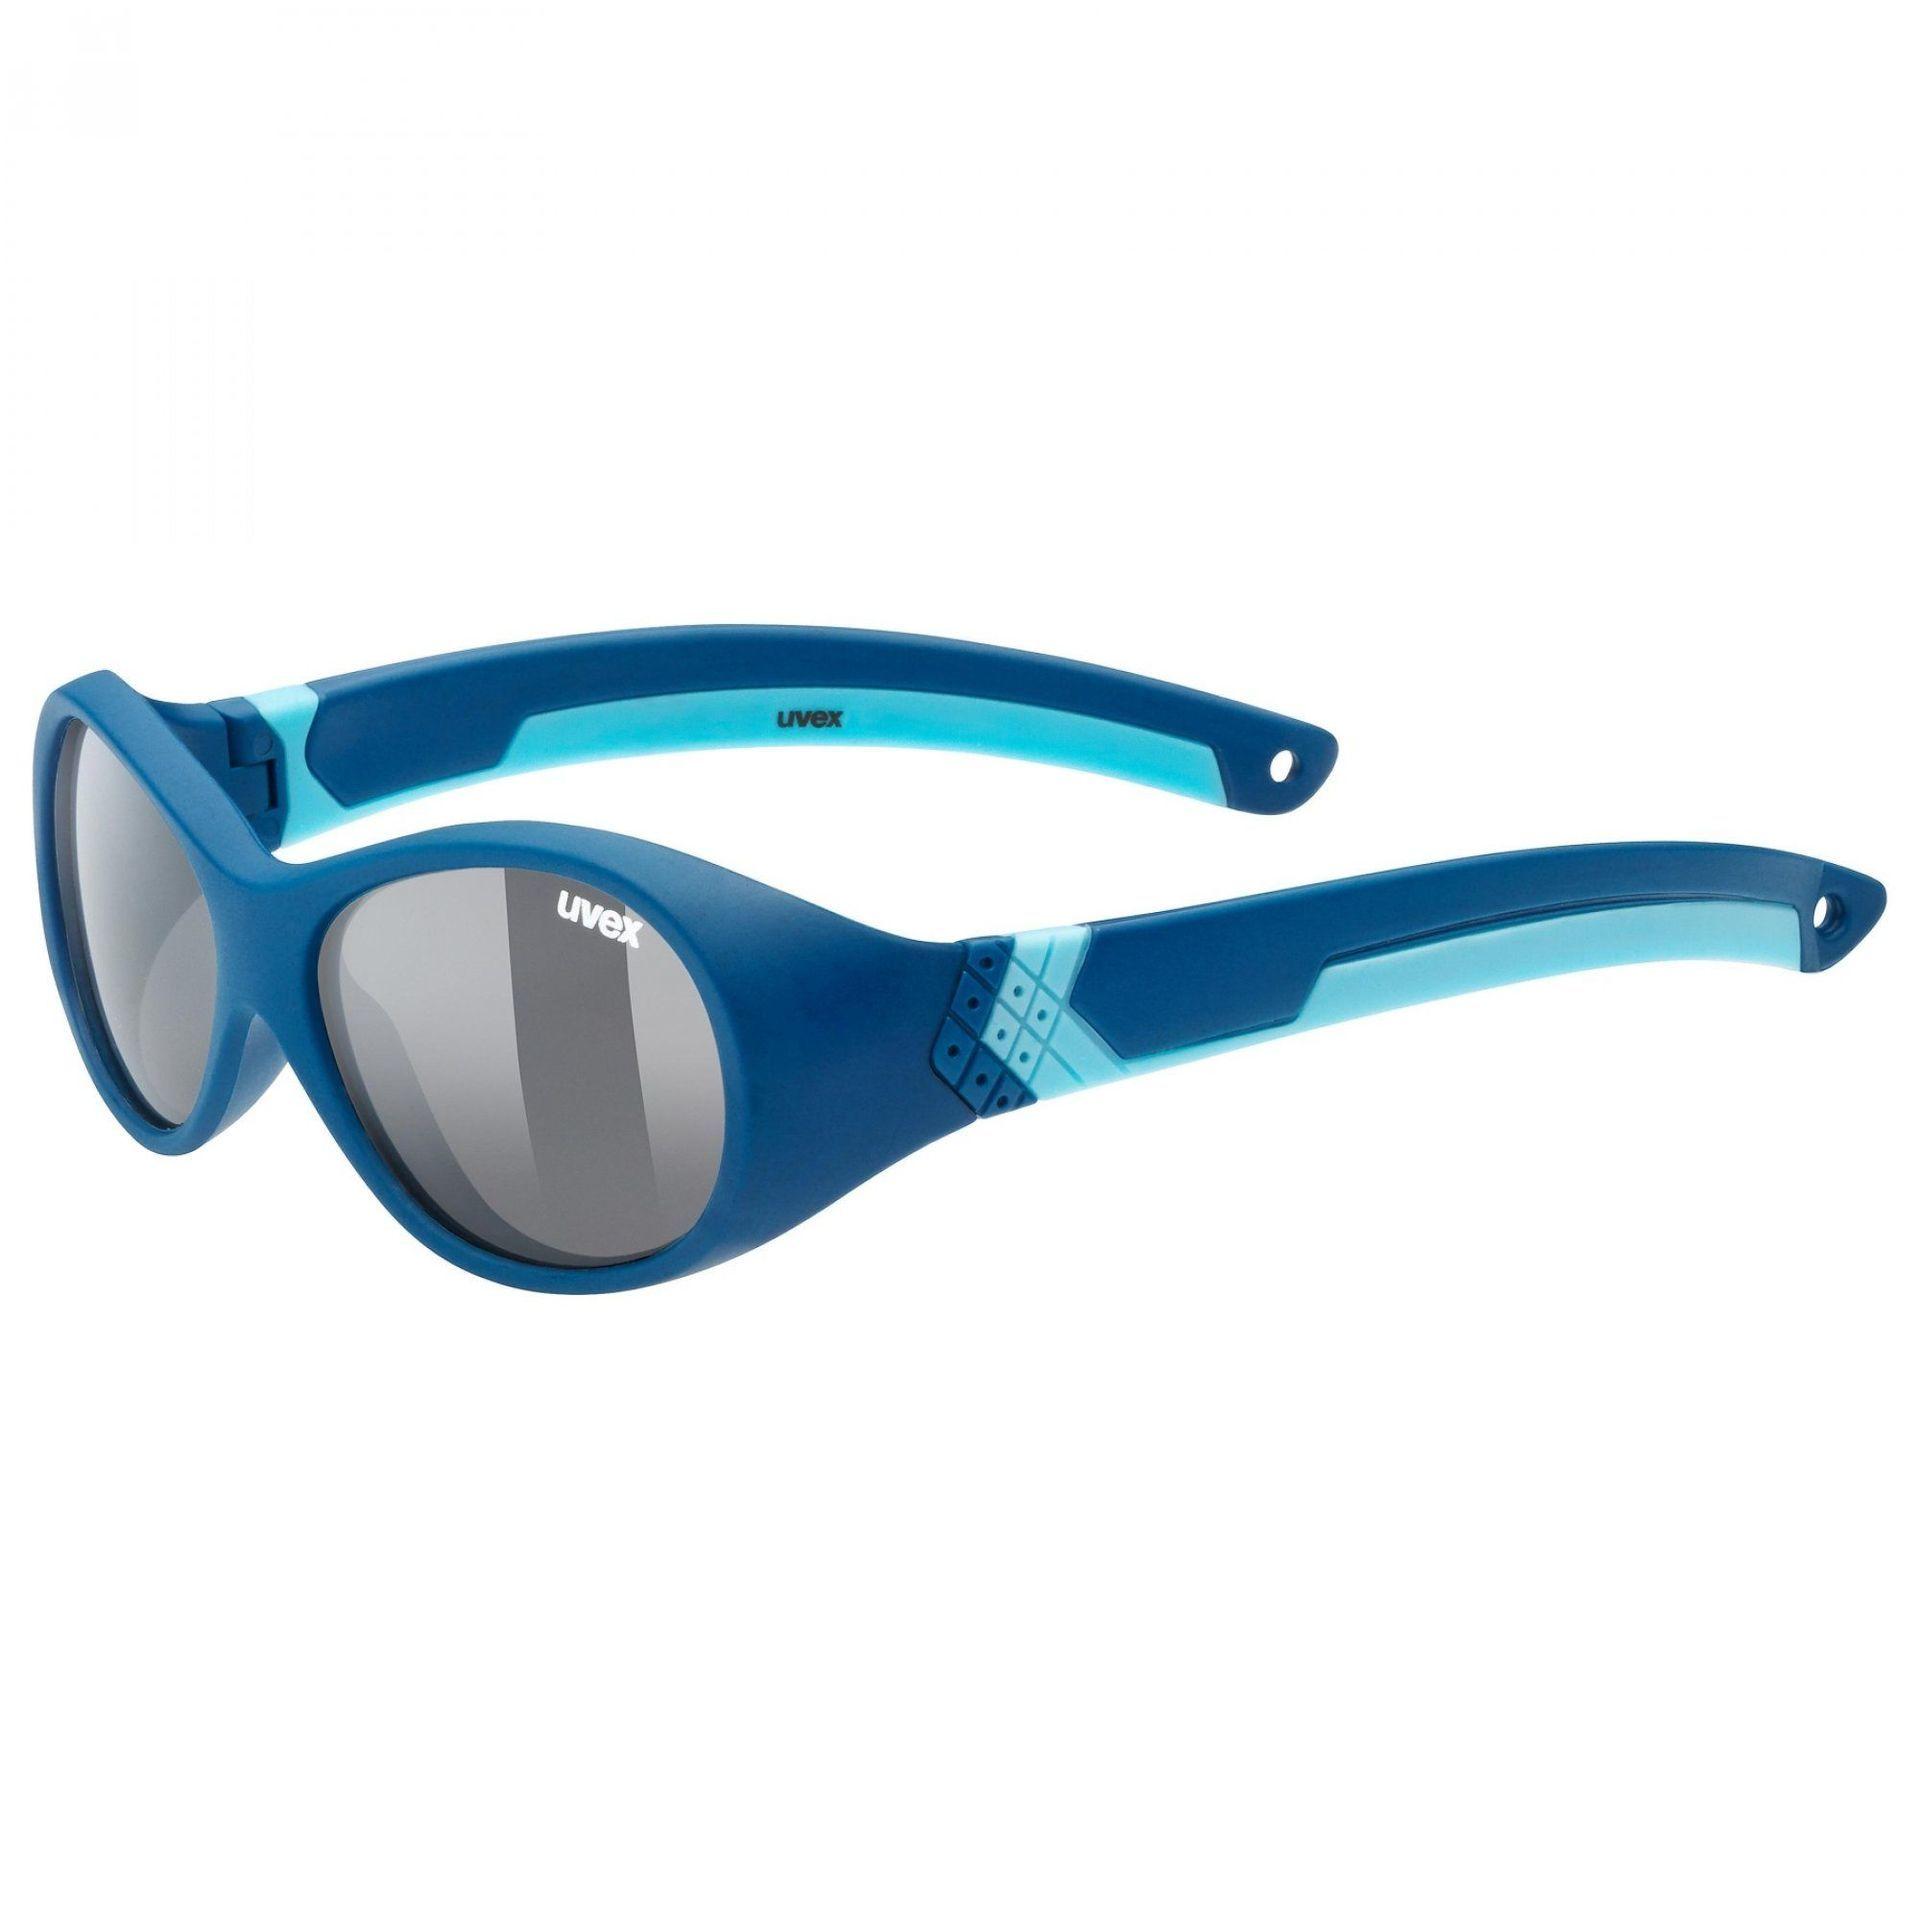 OKULARY UVEX SPORTSTYLE 51 DARK BLUE MAT